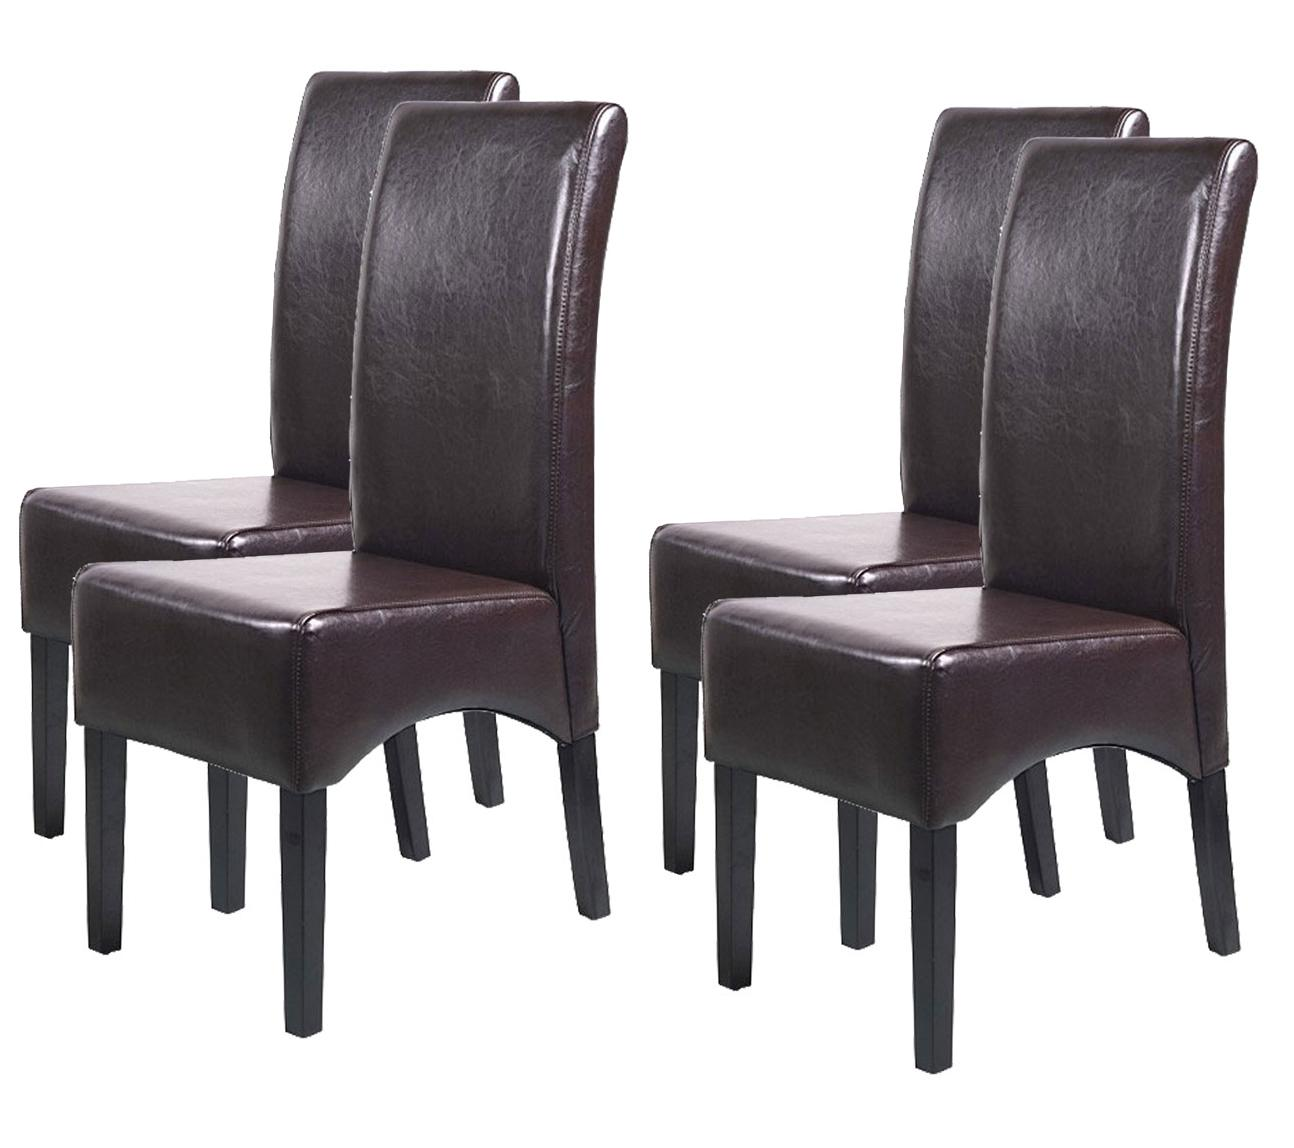 Lote 4 sillas de comedor latina en marr n piel genuina y for Sillas en piel para comedor